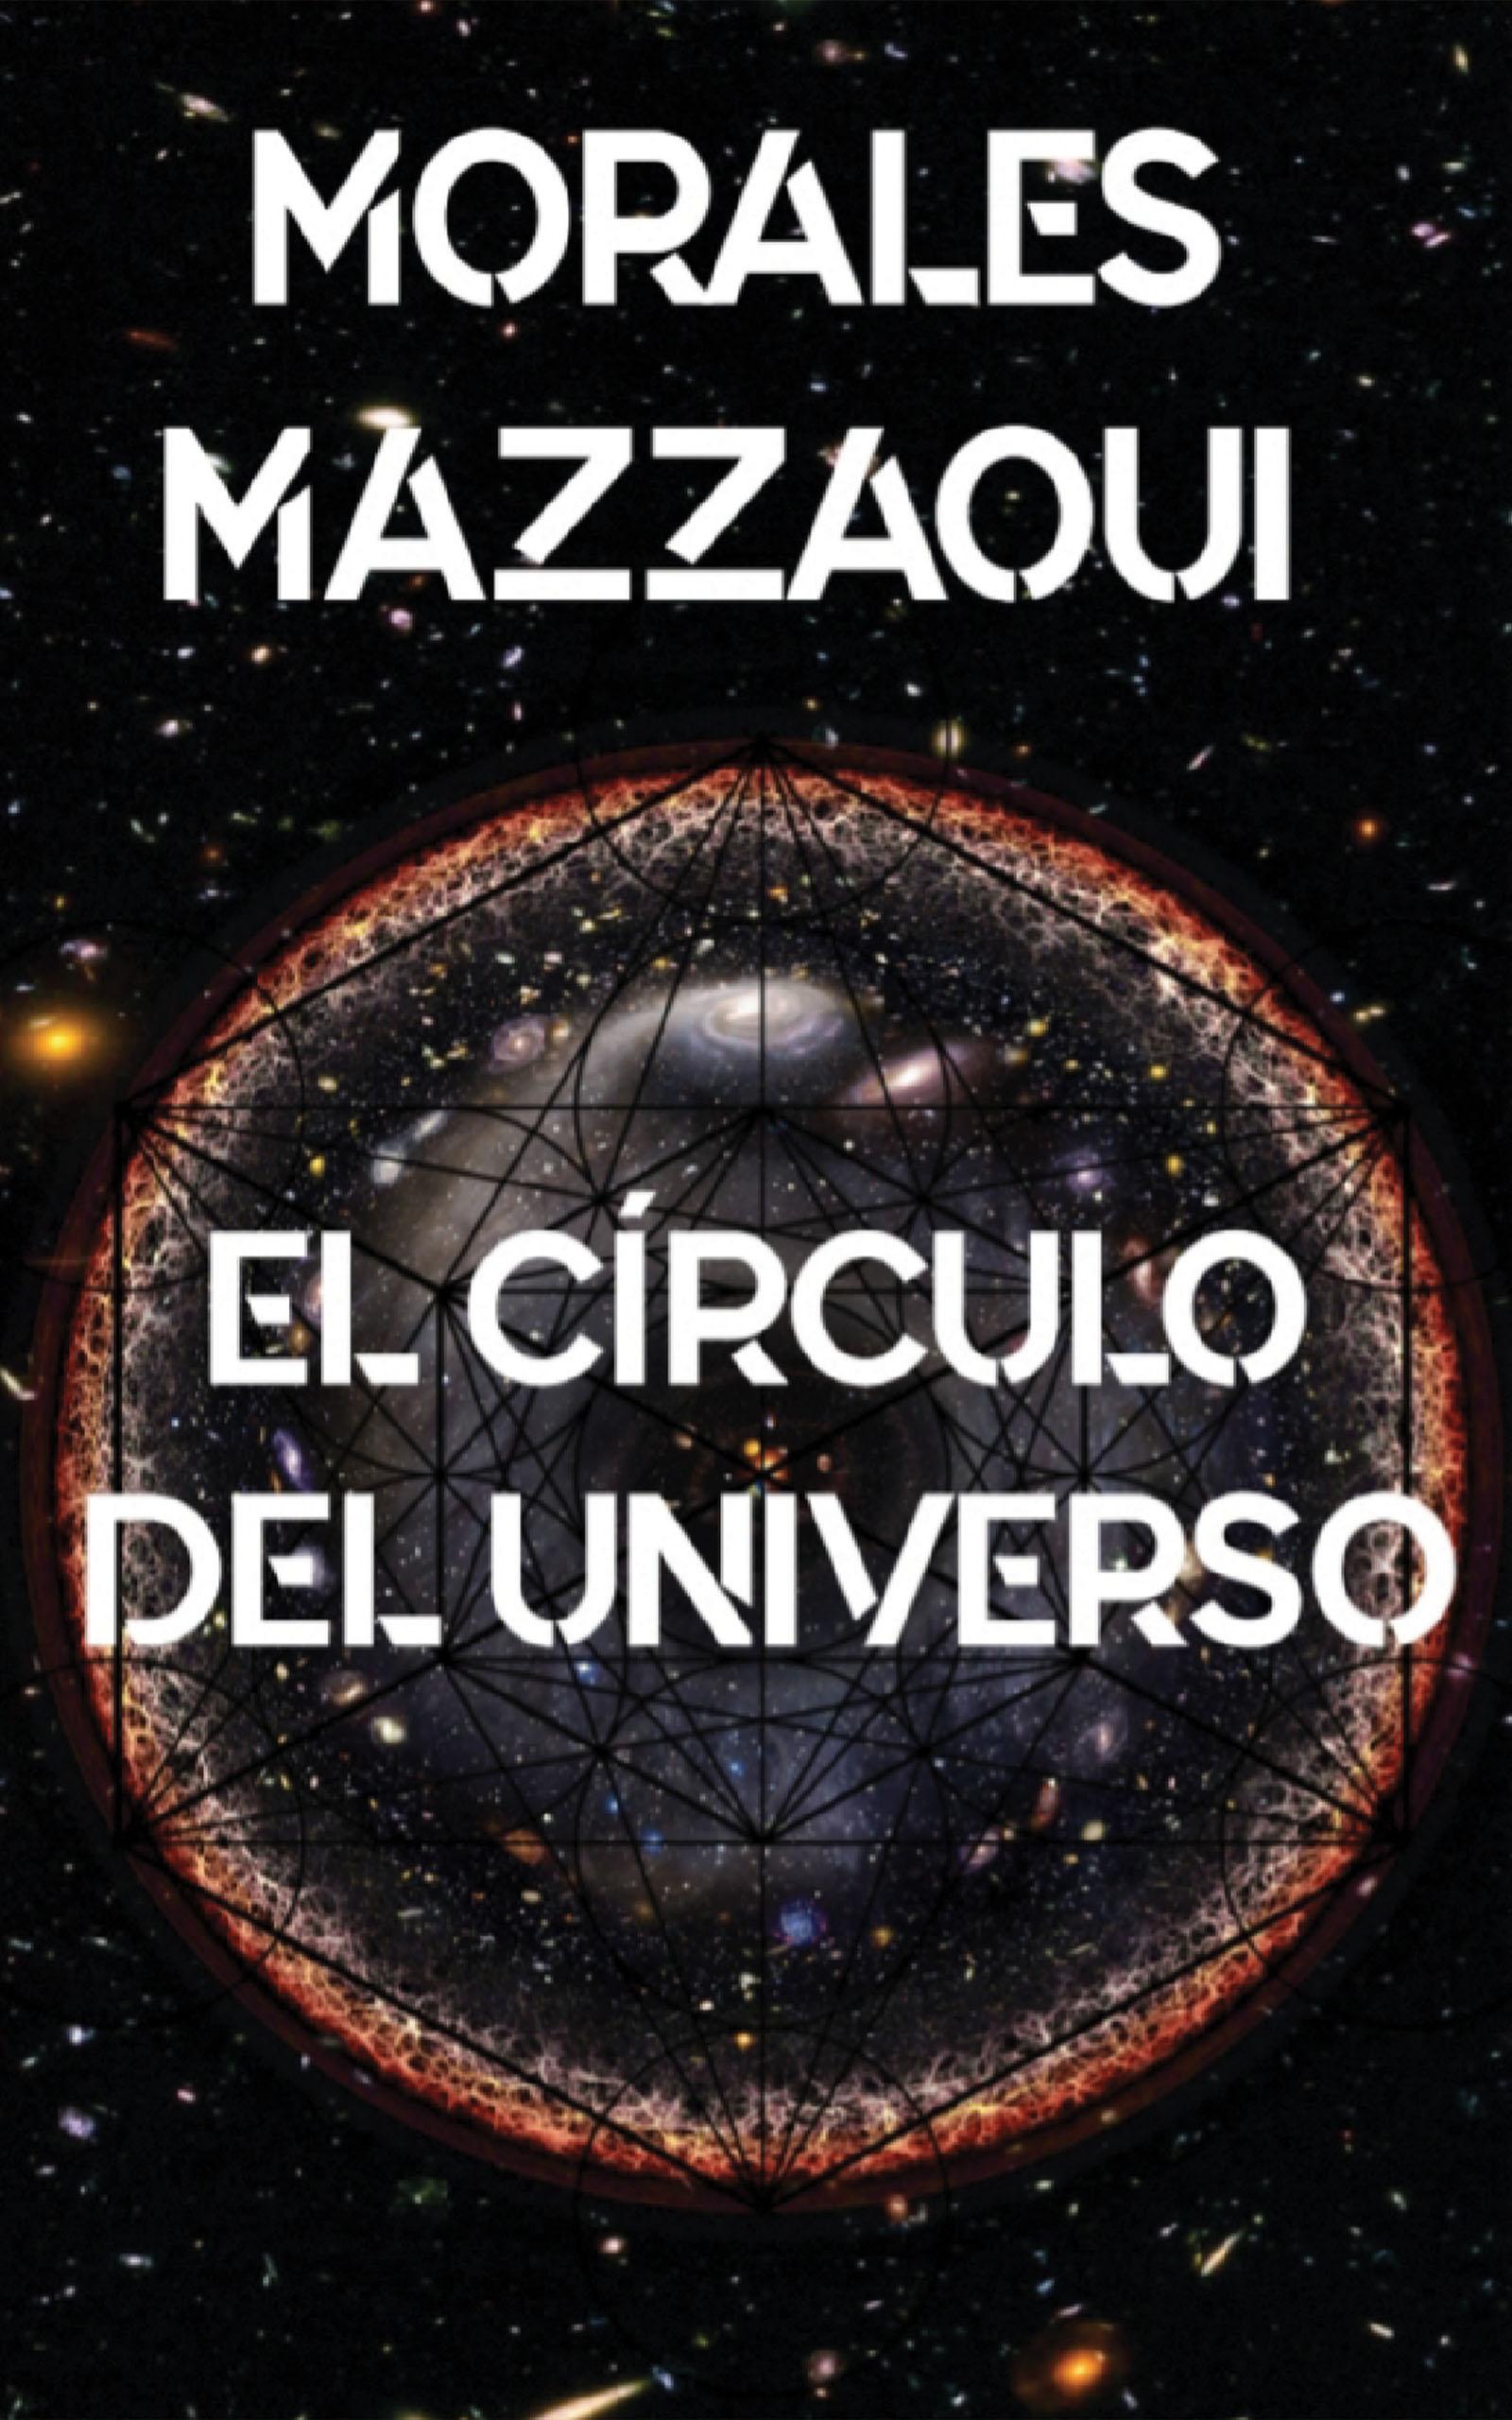 El círculo del Universo, de Pablo José Morales Mazzaoui